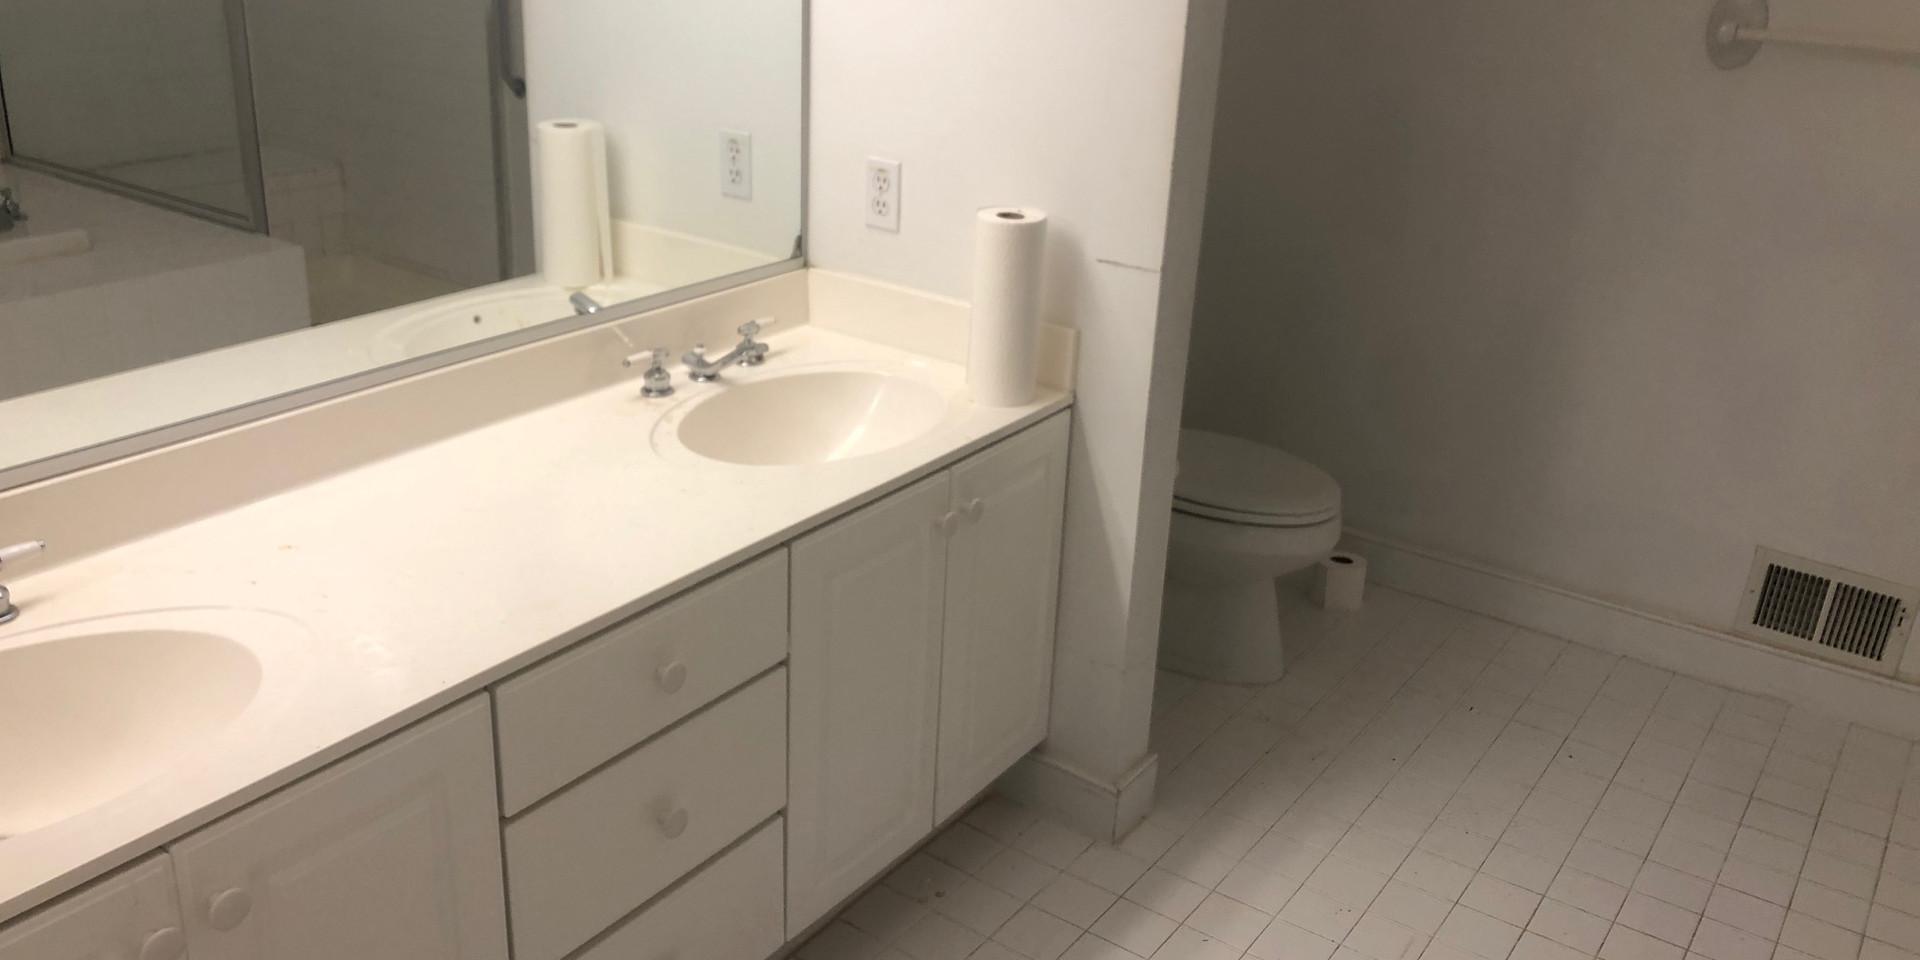 13 - Master Bath.JPG